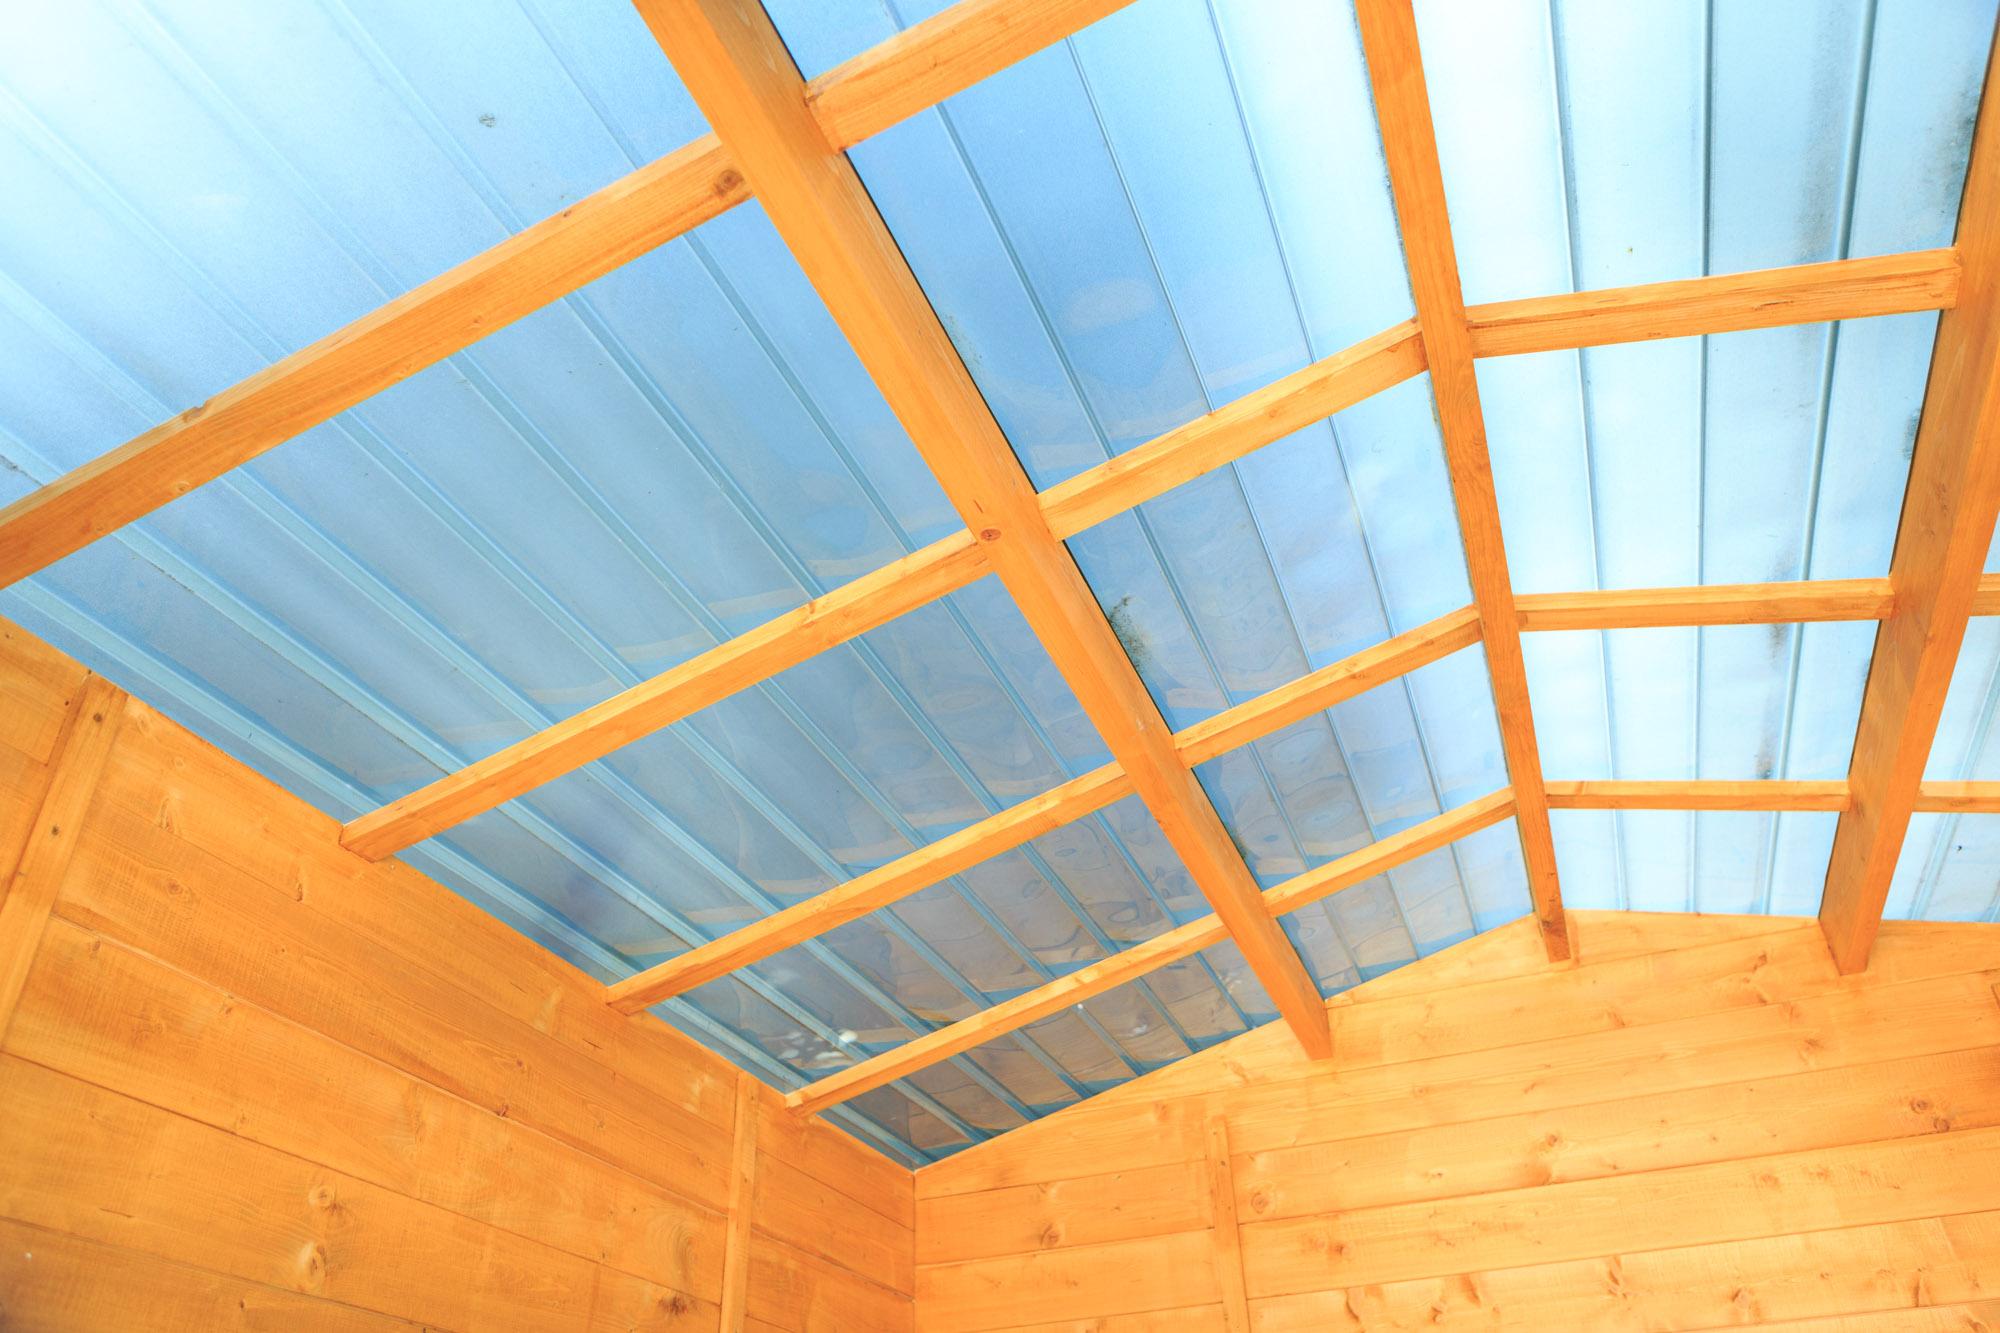 Abri De Jardin En Bois Soleil 3X3 Avec Toit Transparent ... dedans Abri De Jardin En Polycarbonate